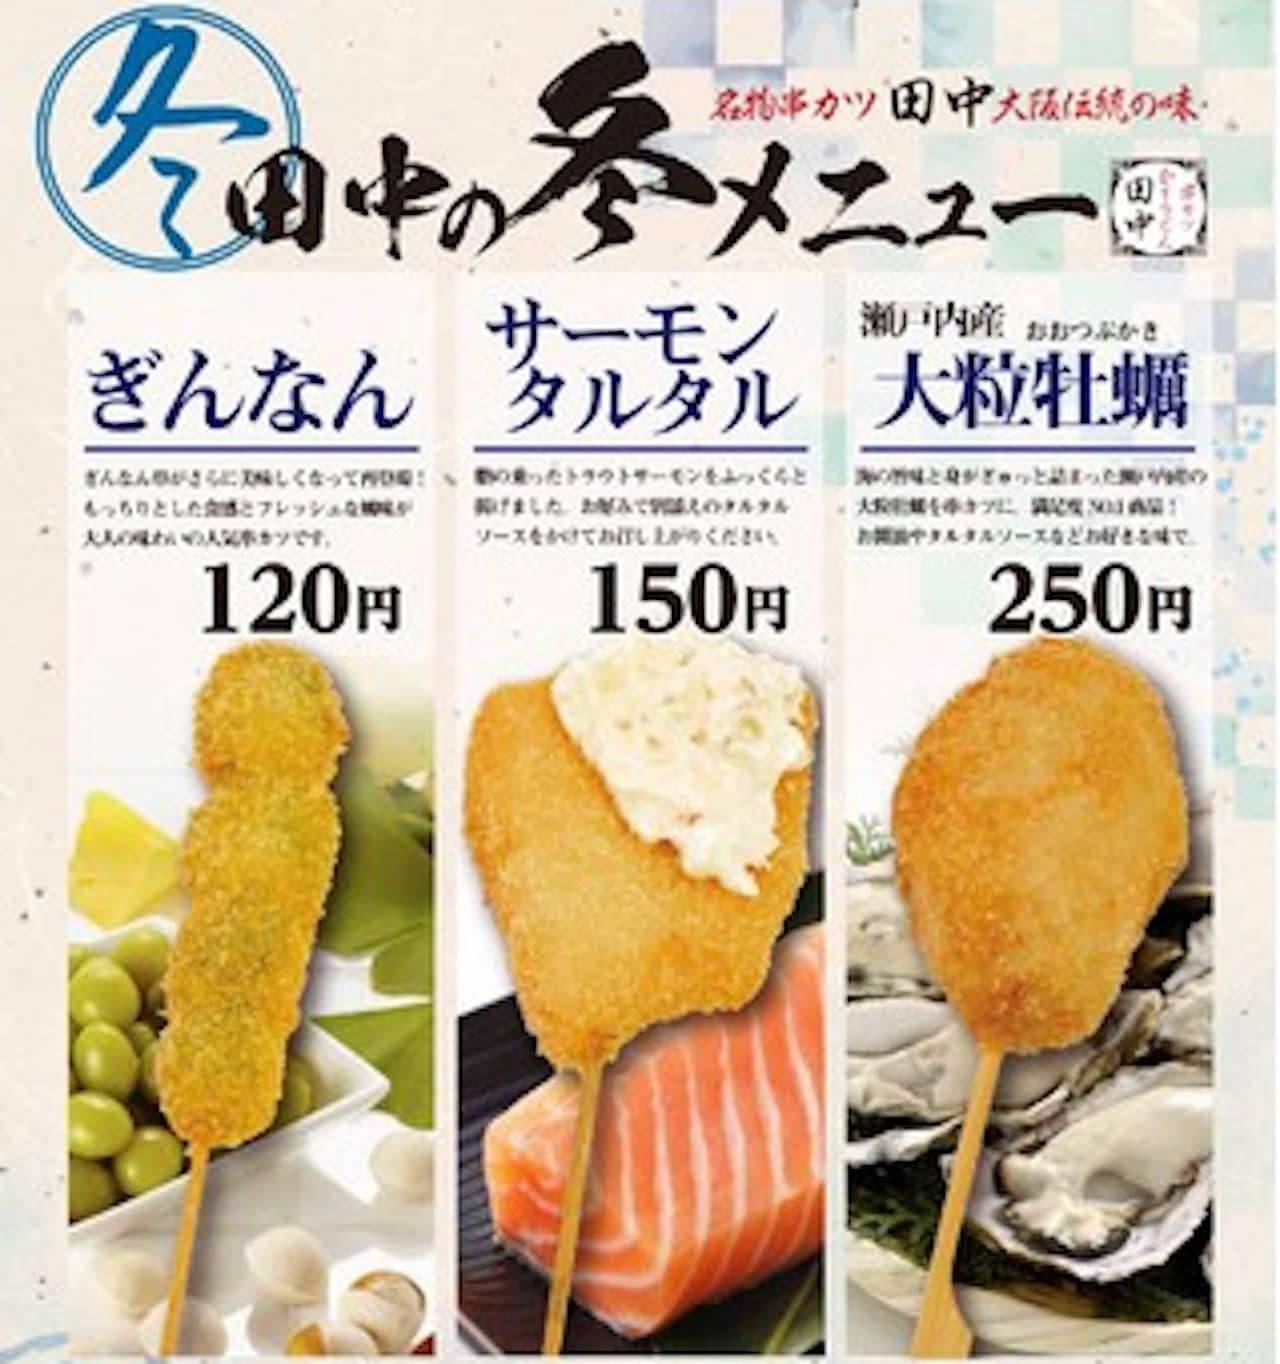 串カツ田中に冬メニュー「サーモンタルタル」や「大粒牡蠣」など